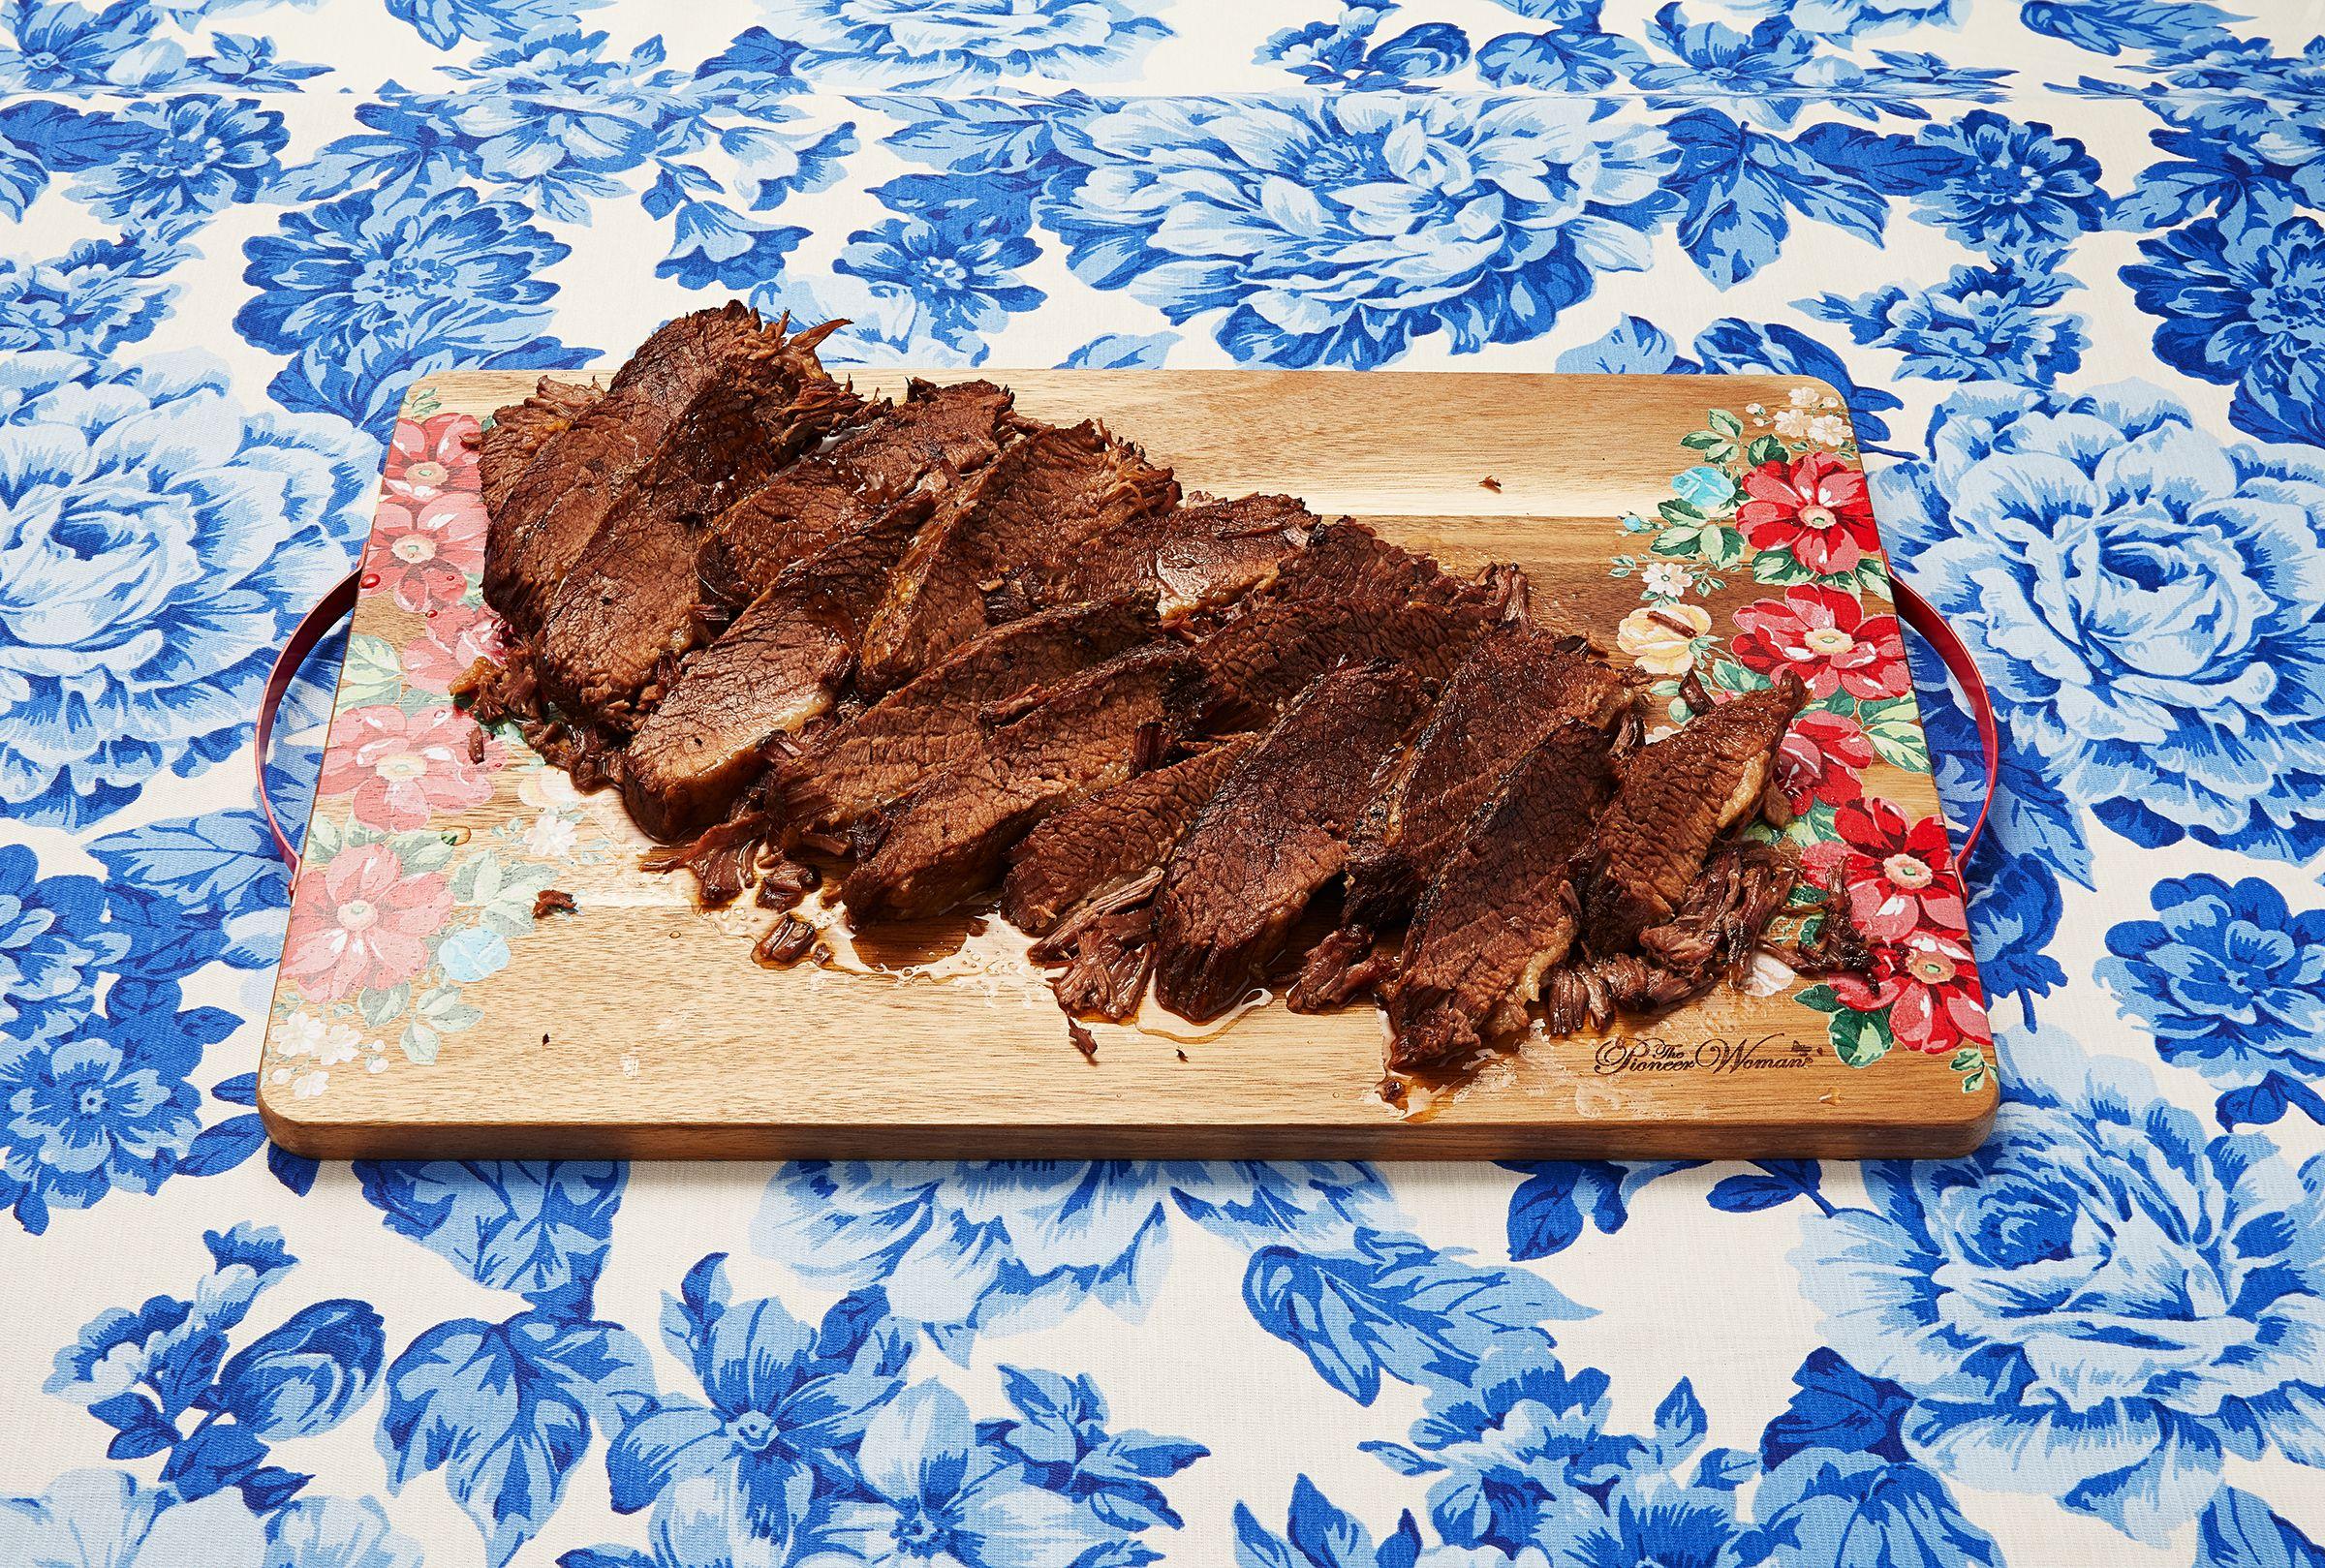 Best Braised Beef Brisket Recipe How To Make Braised Beef Brisket